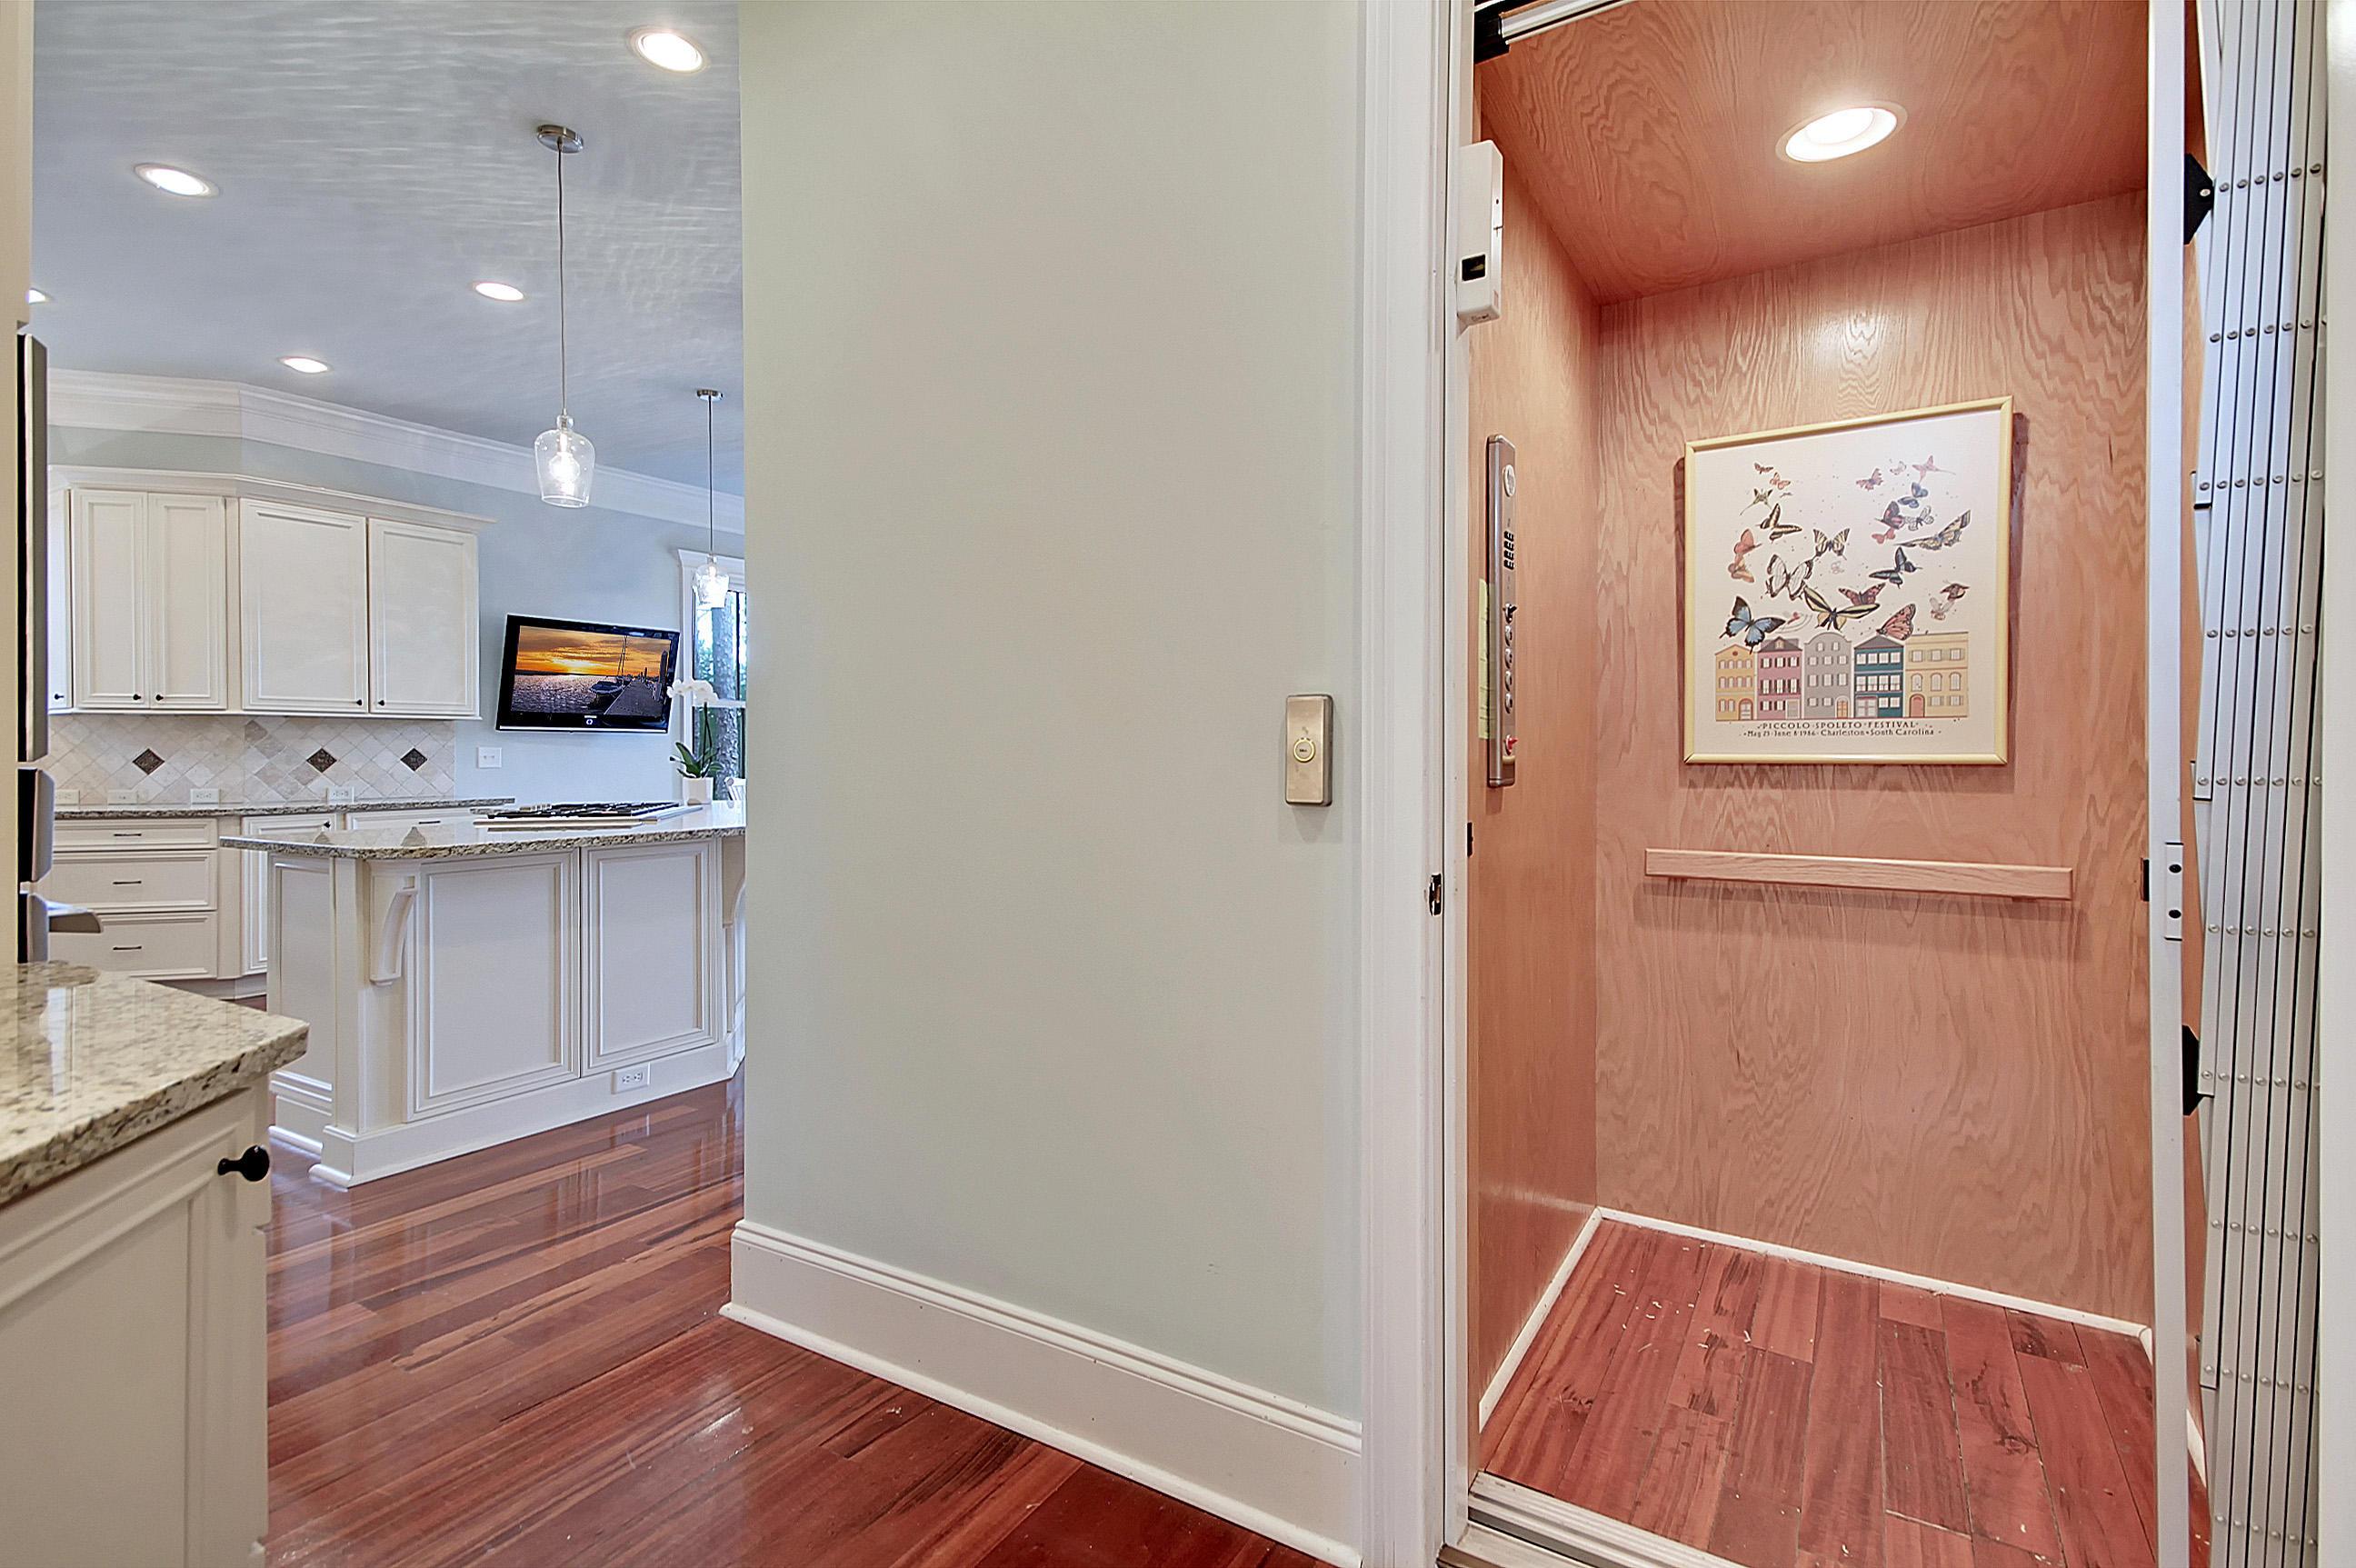 Park West Homes For Sale - 3940 Ashton Shore, Mount Pleasant, SC - 31